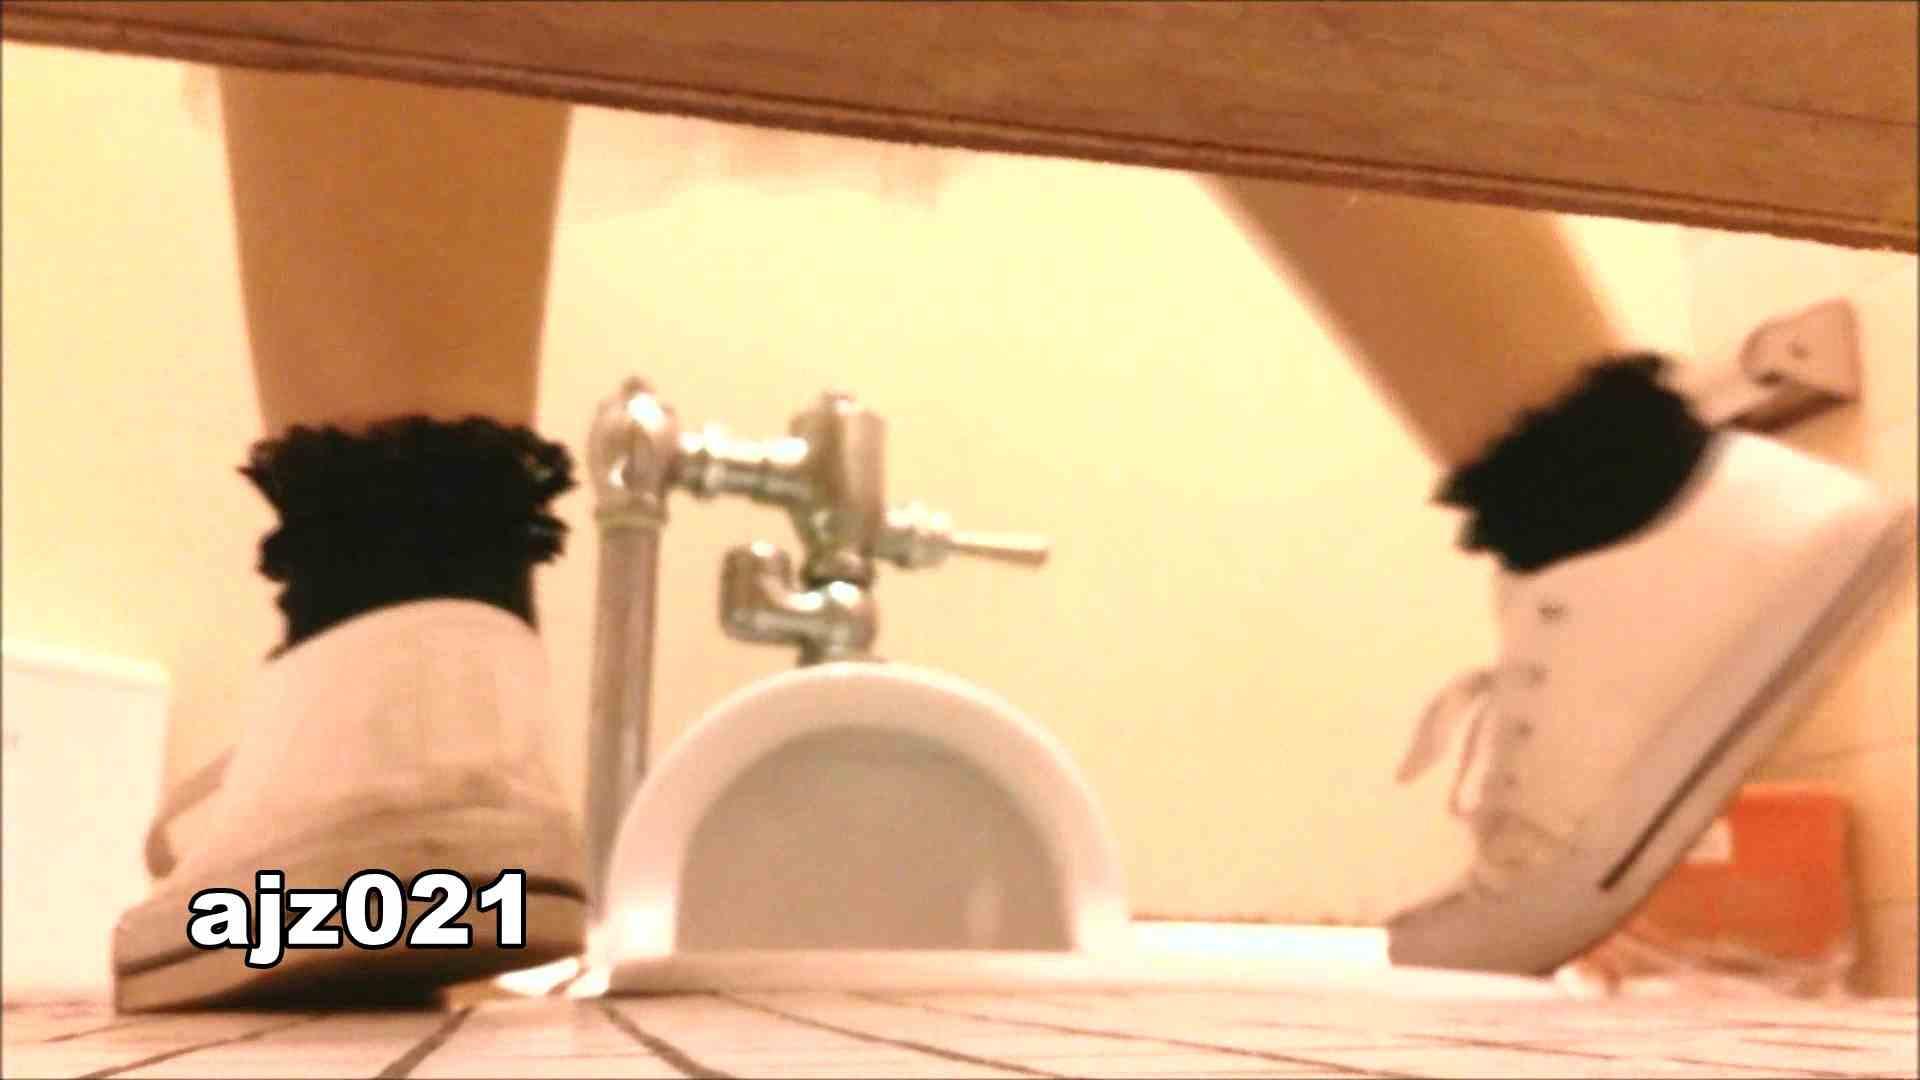 某有名大学女性洗面所 vol.21 排泄  109PIX 14